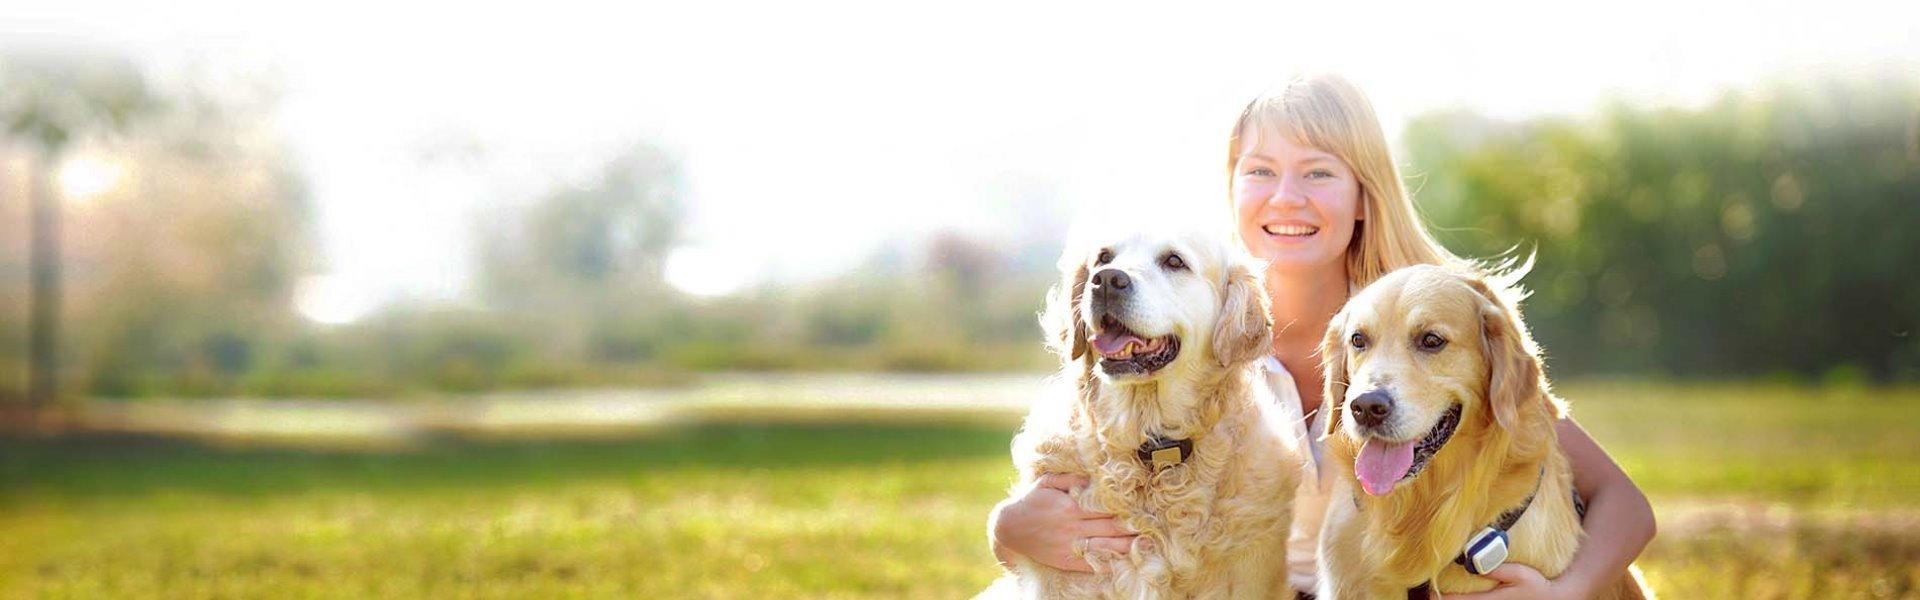 Înainte şi după – Câini care au crescut împreună cu stăpânii lor. Fotografii emoţionante (Galerie Foto)